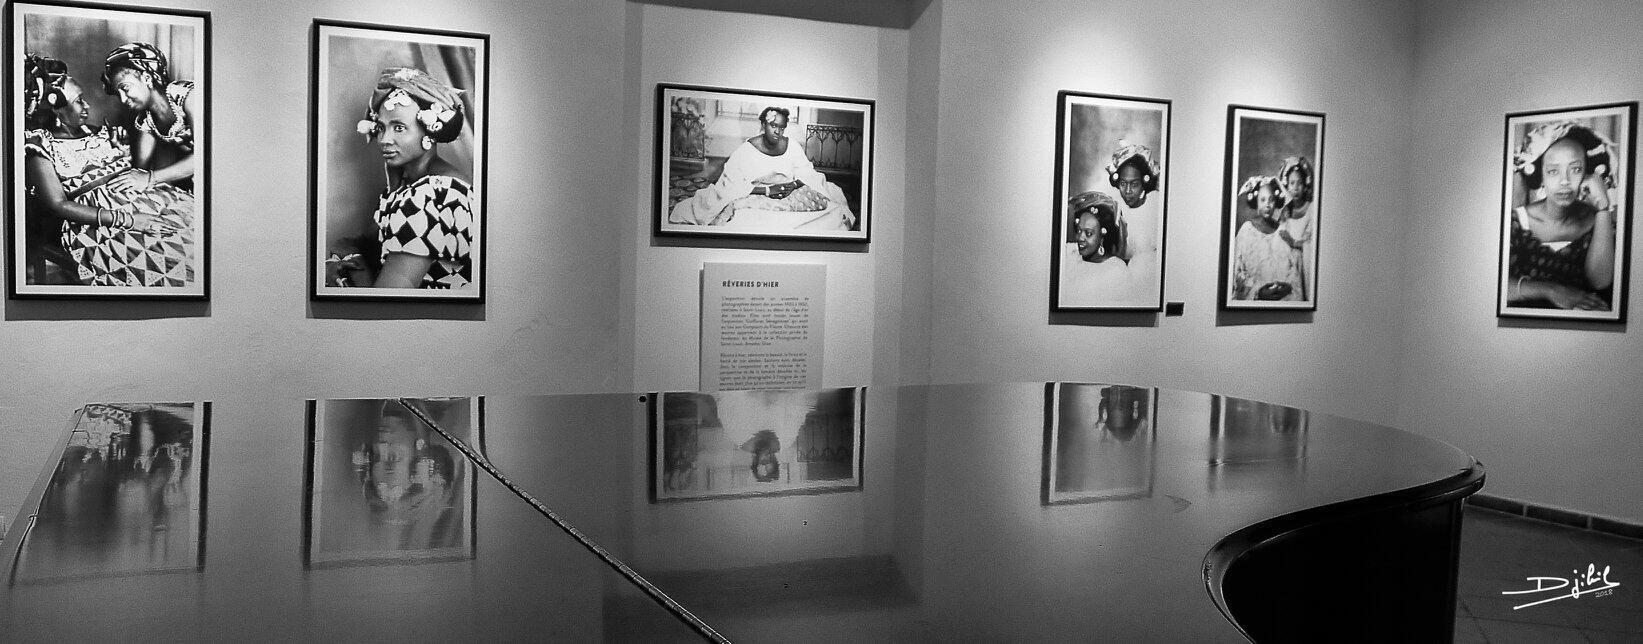 Le musée de la photo à Saint-Louis au Sénégal